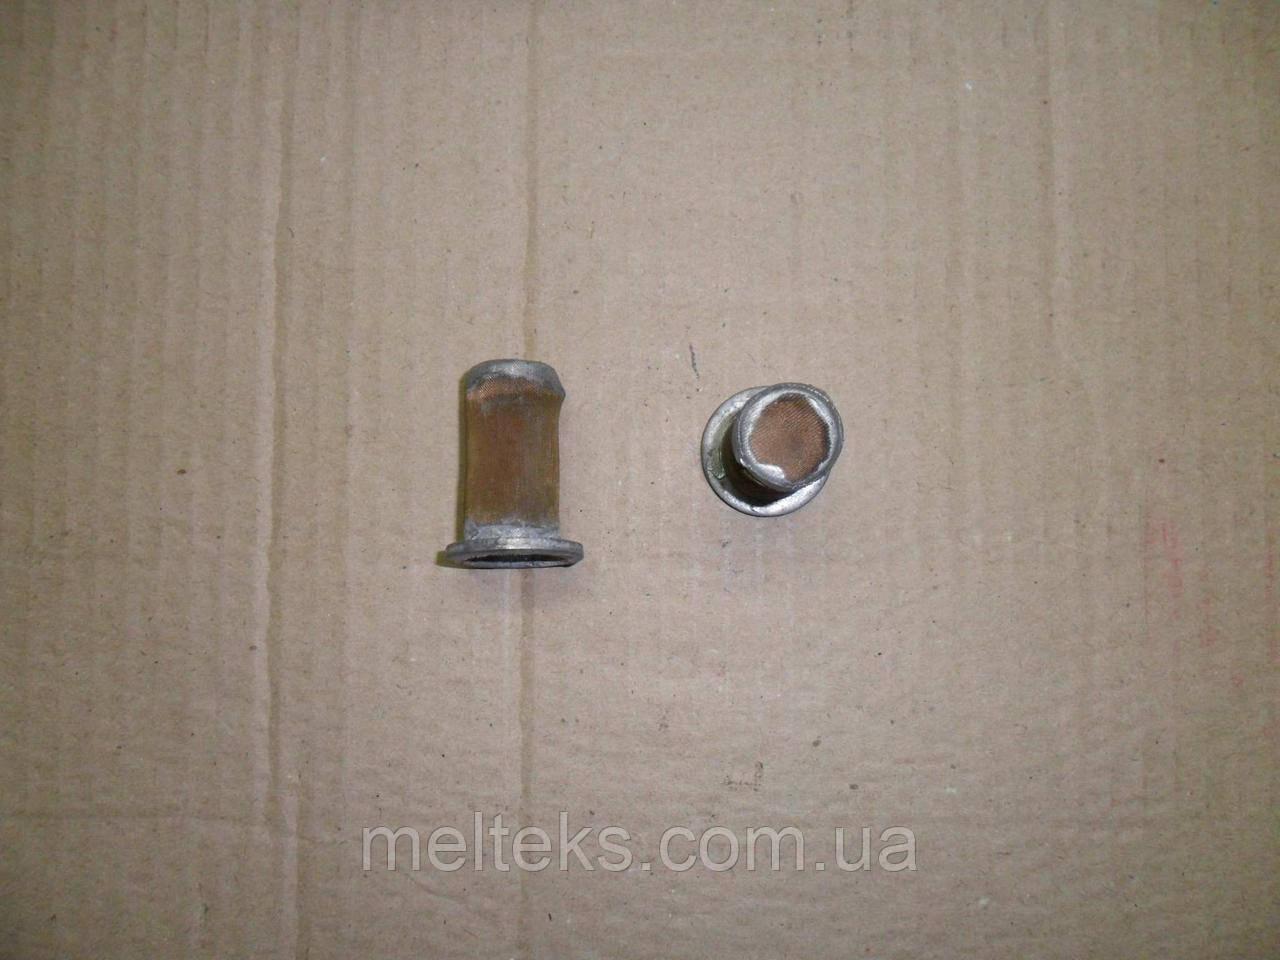 Фильтр газовый на всасывании для ИФ-56